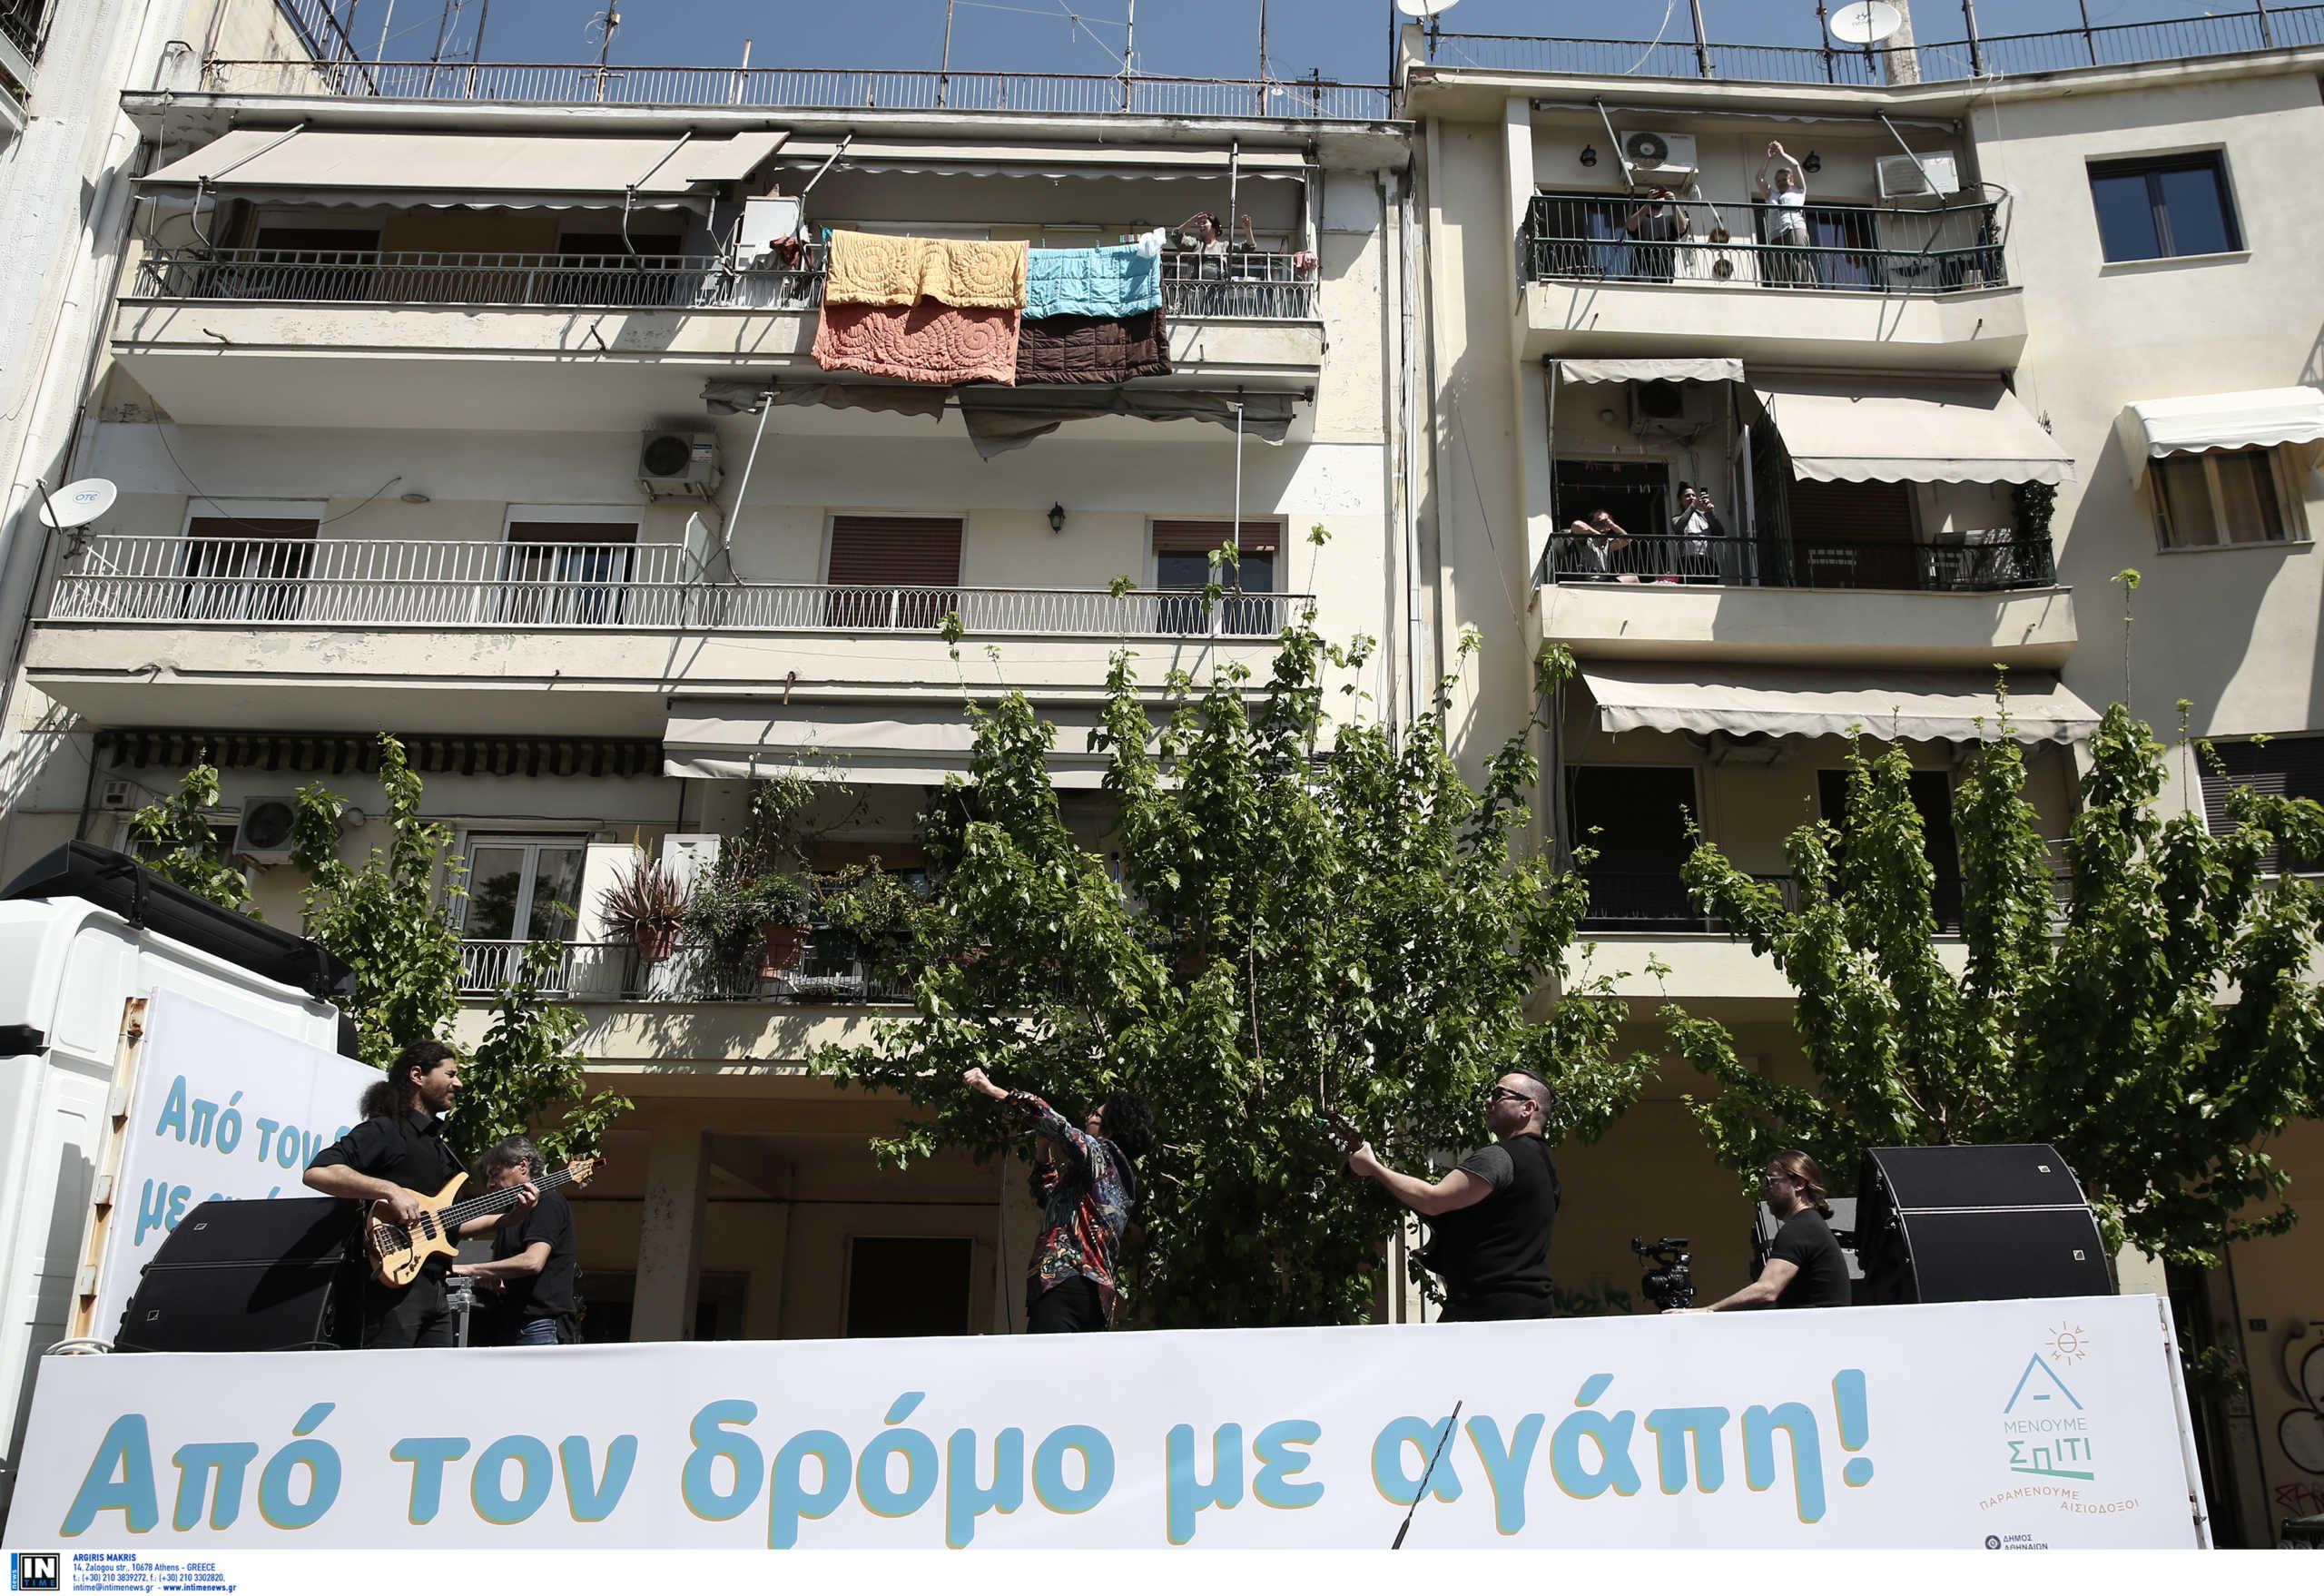 Η Πρωτοψάλτη πάνω σε φορτηγό… τραγούδησε στους δρόμους της Αθήνας! (Pics, video)